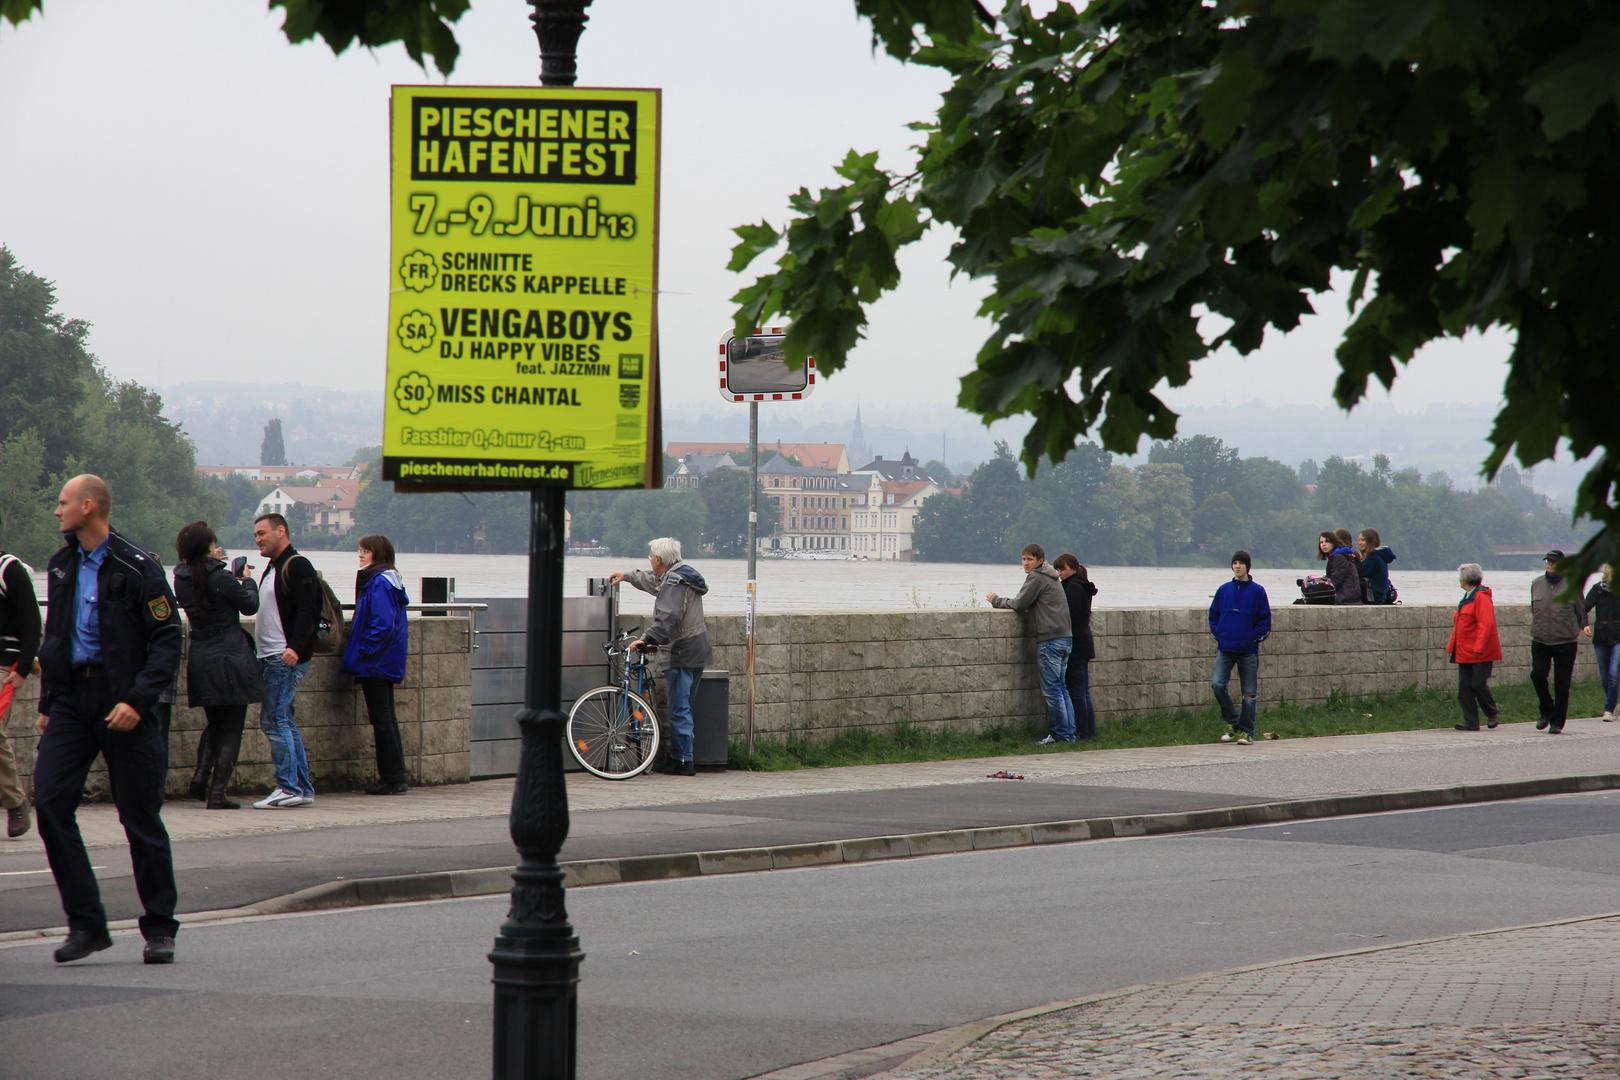 Pieschener Hafenfest...